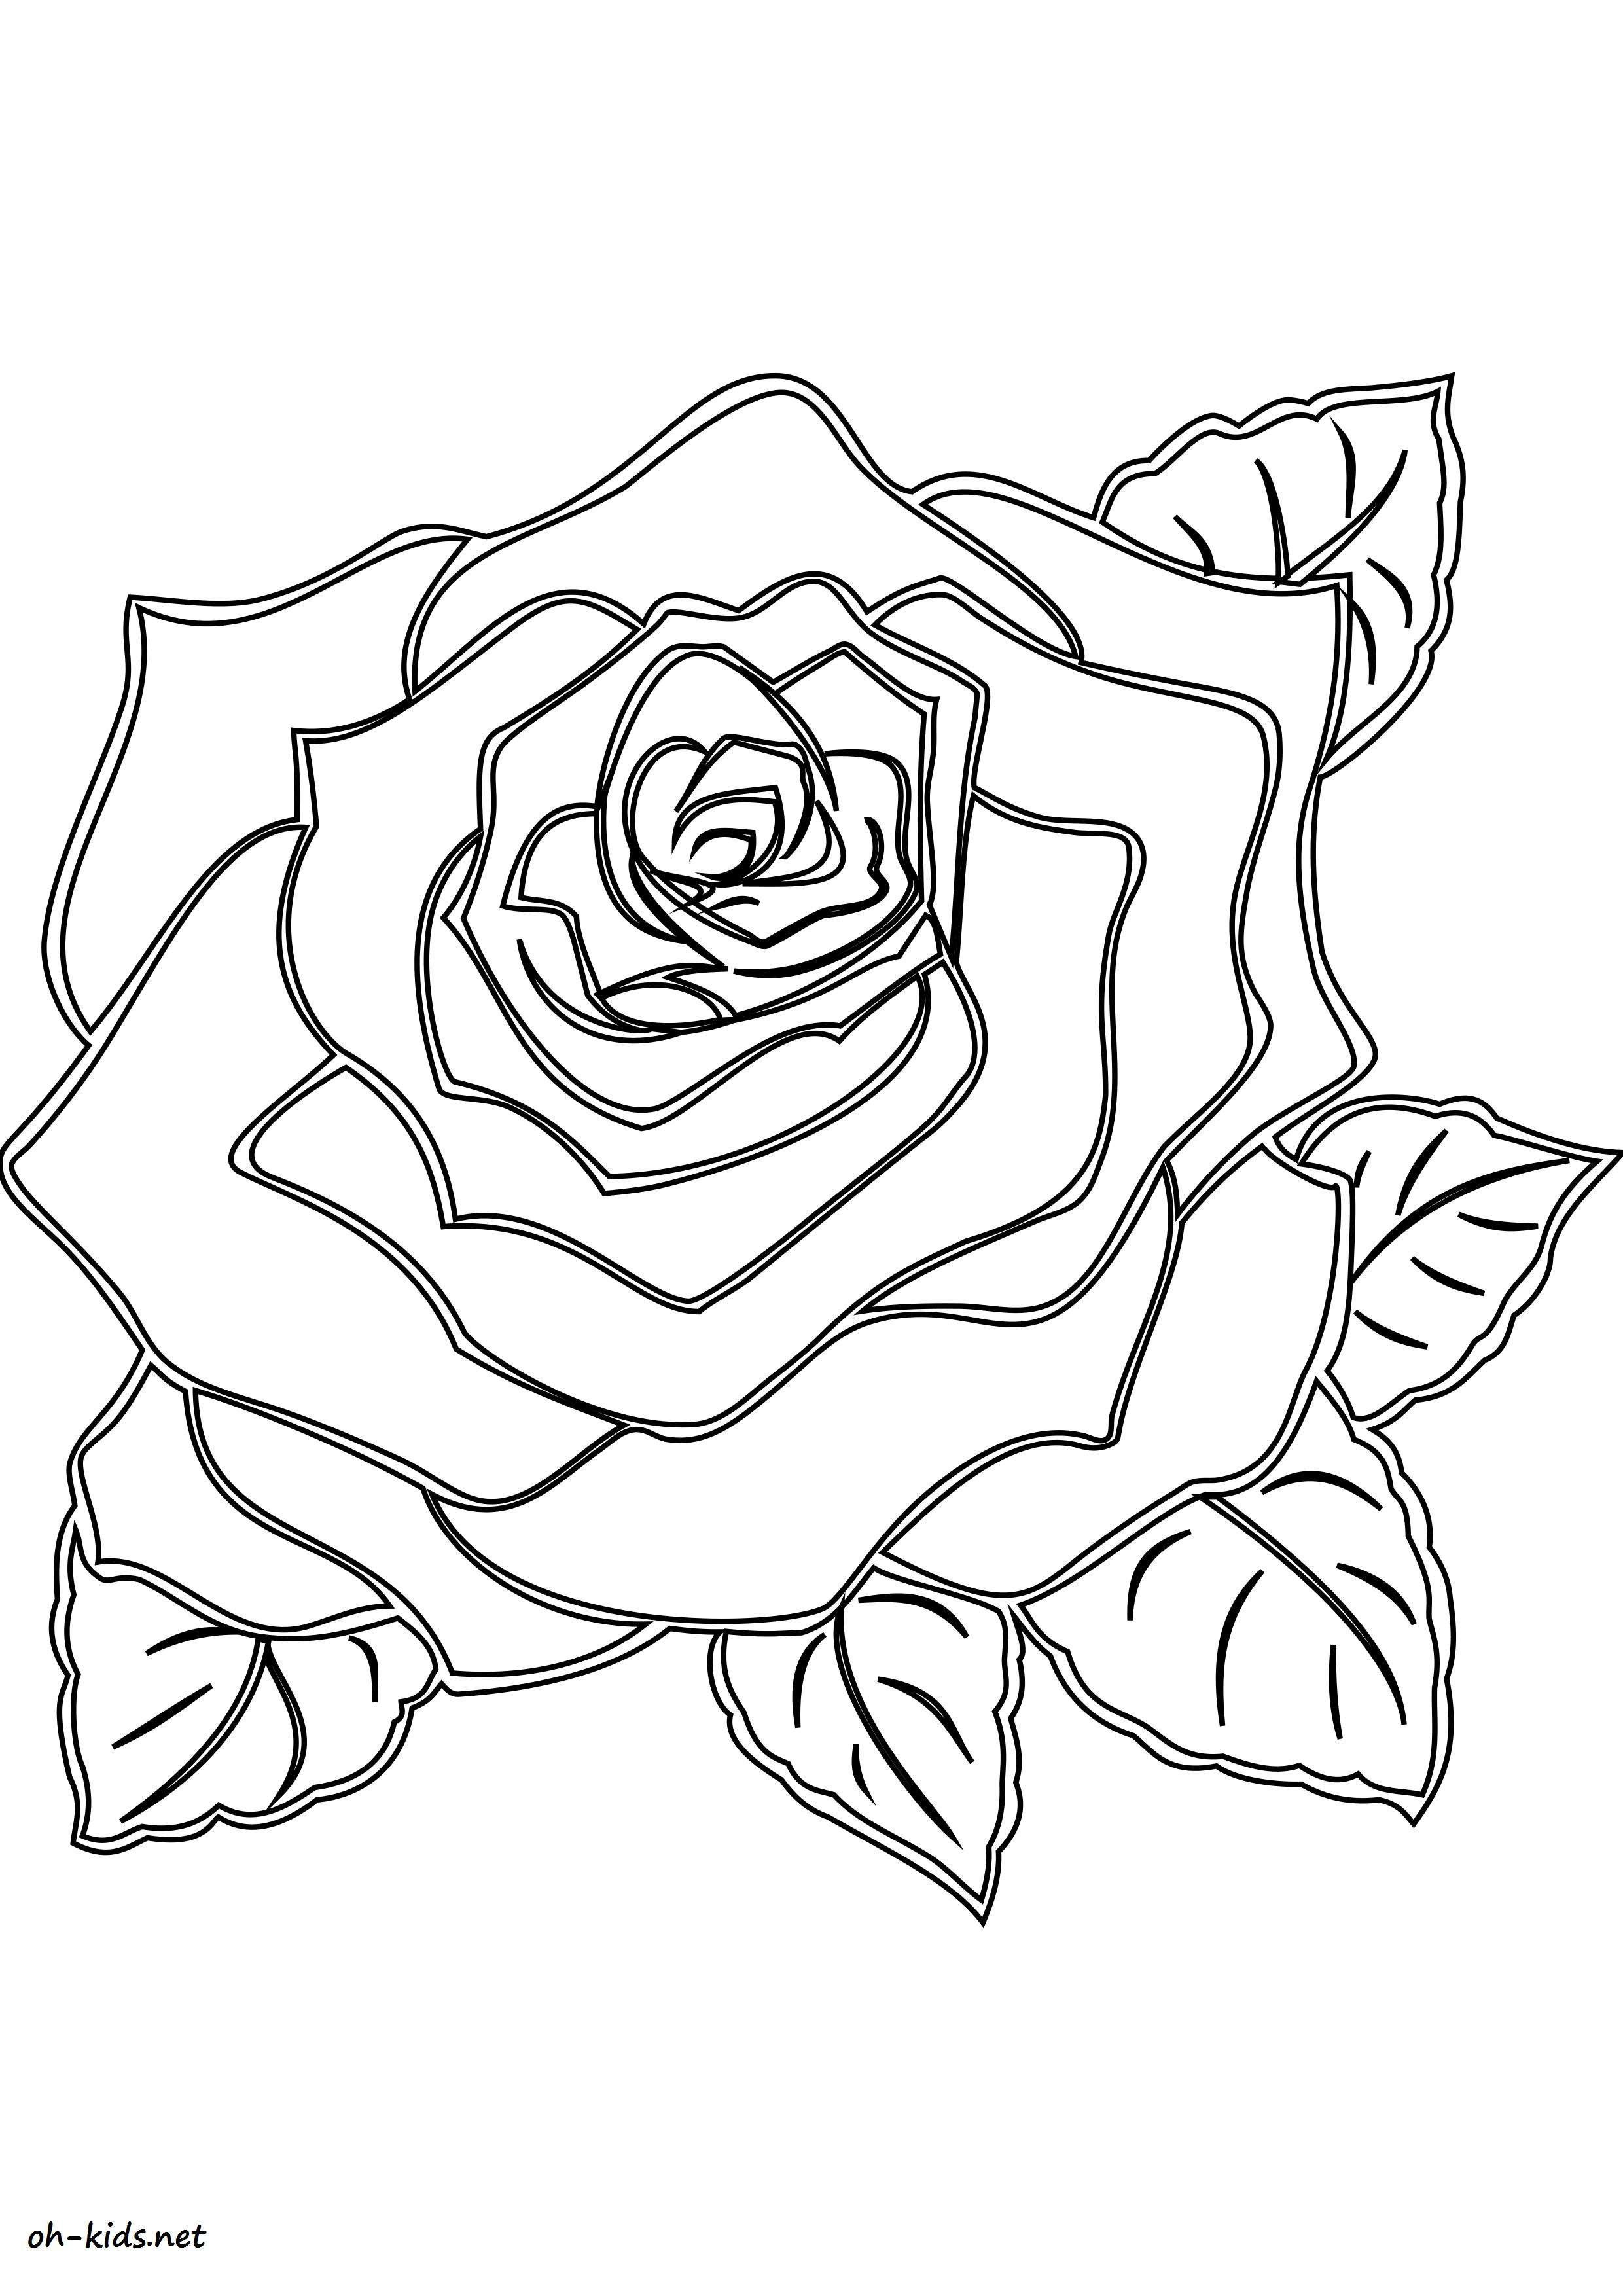 Image de roses a imprimer et colorier - Dessin #1464